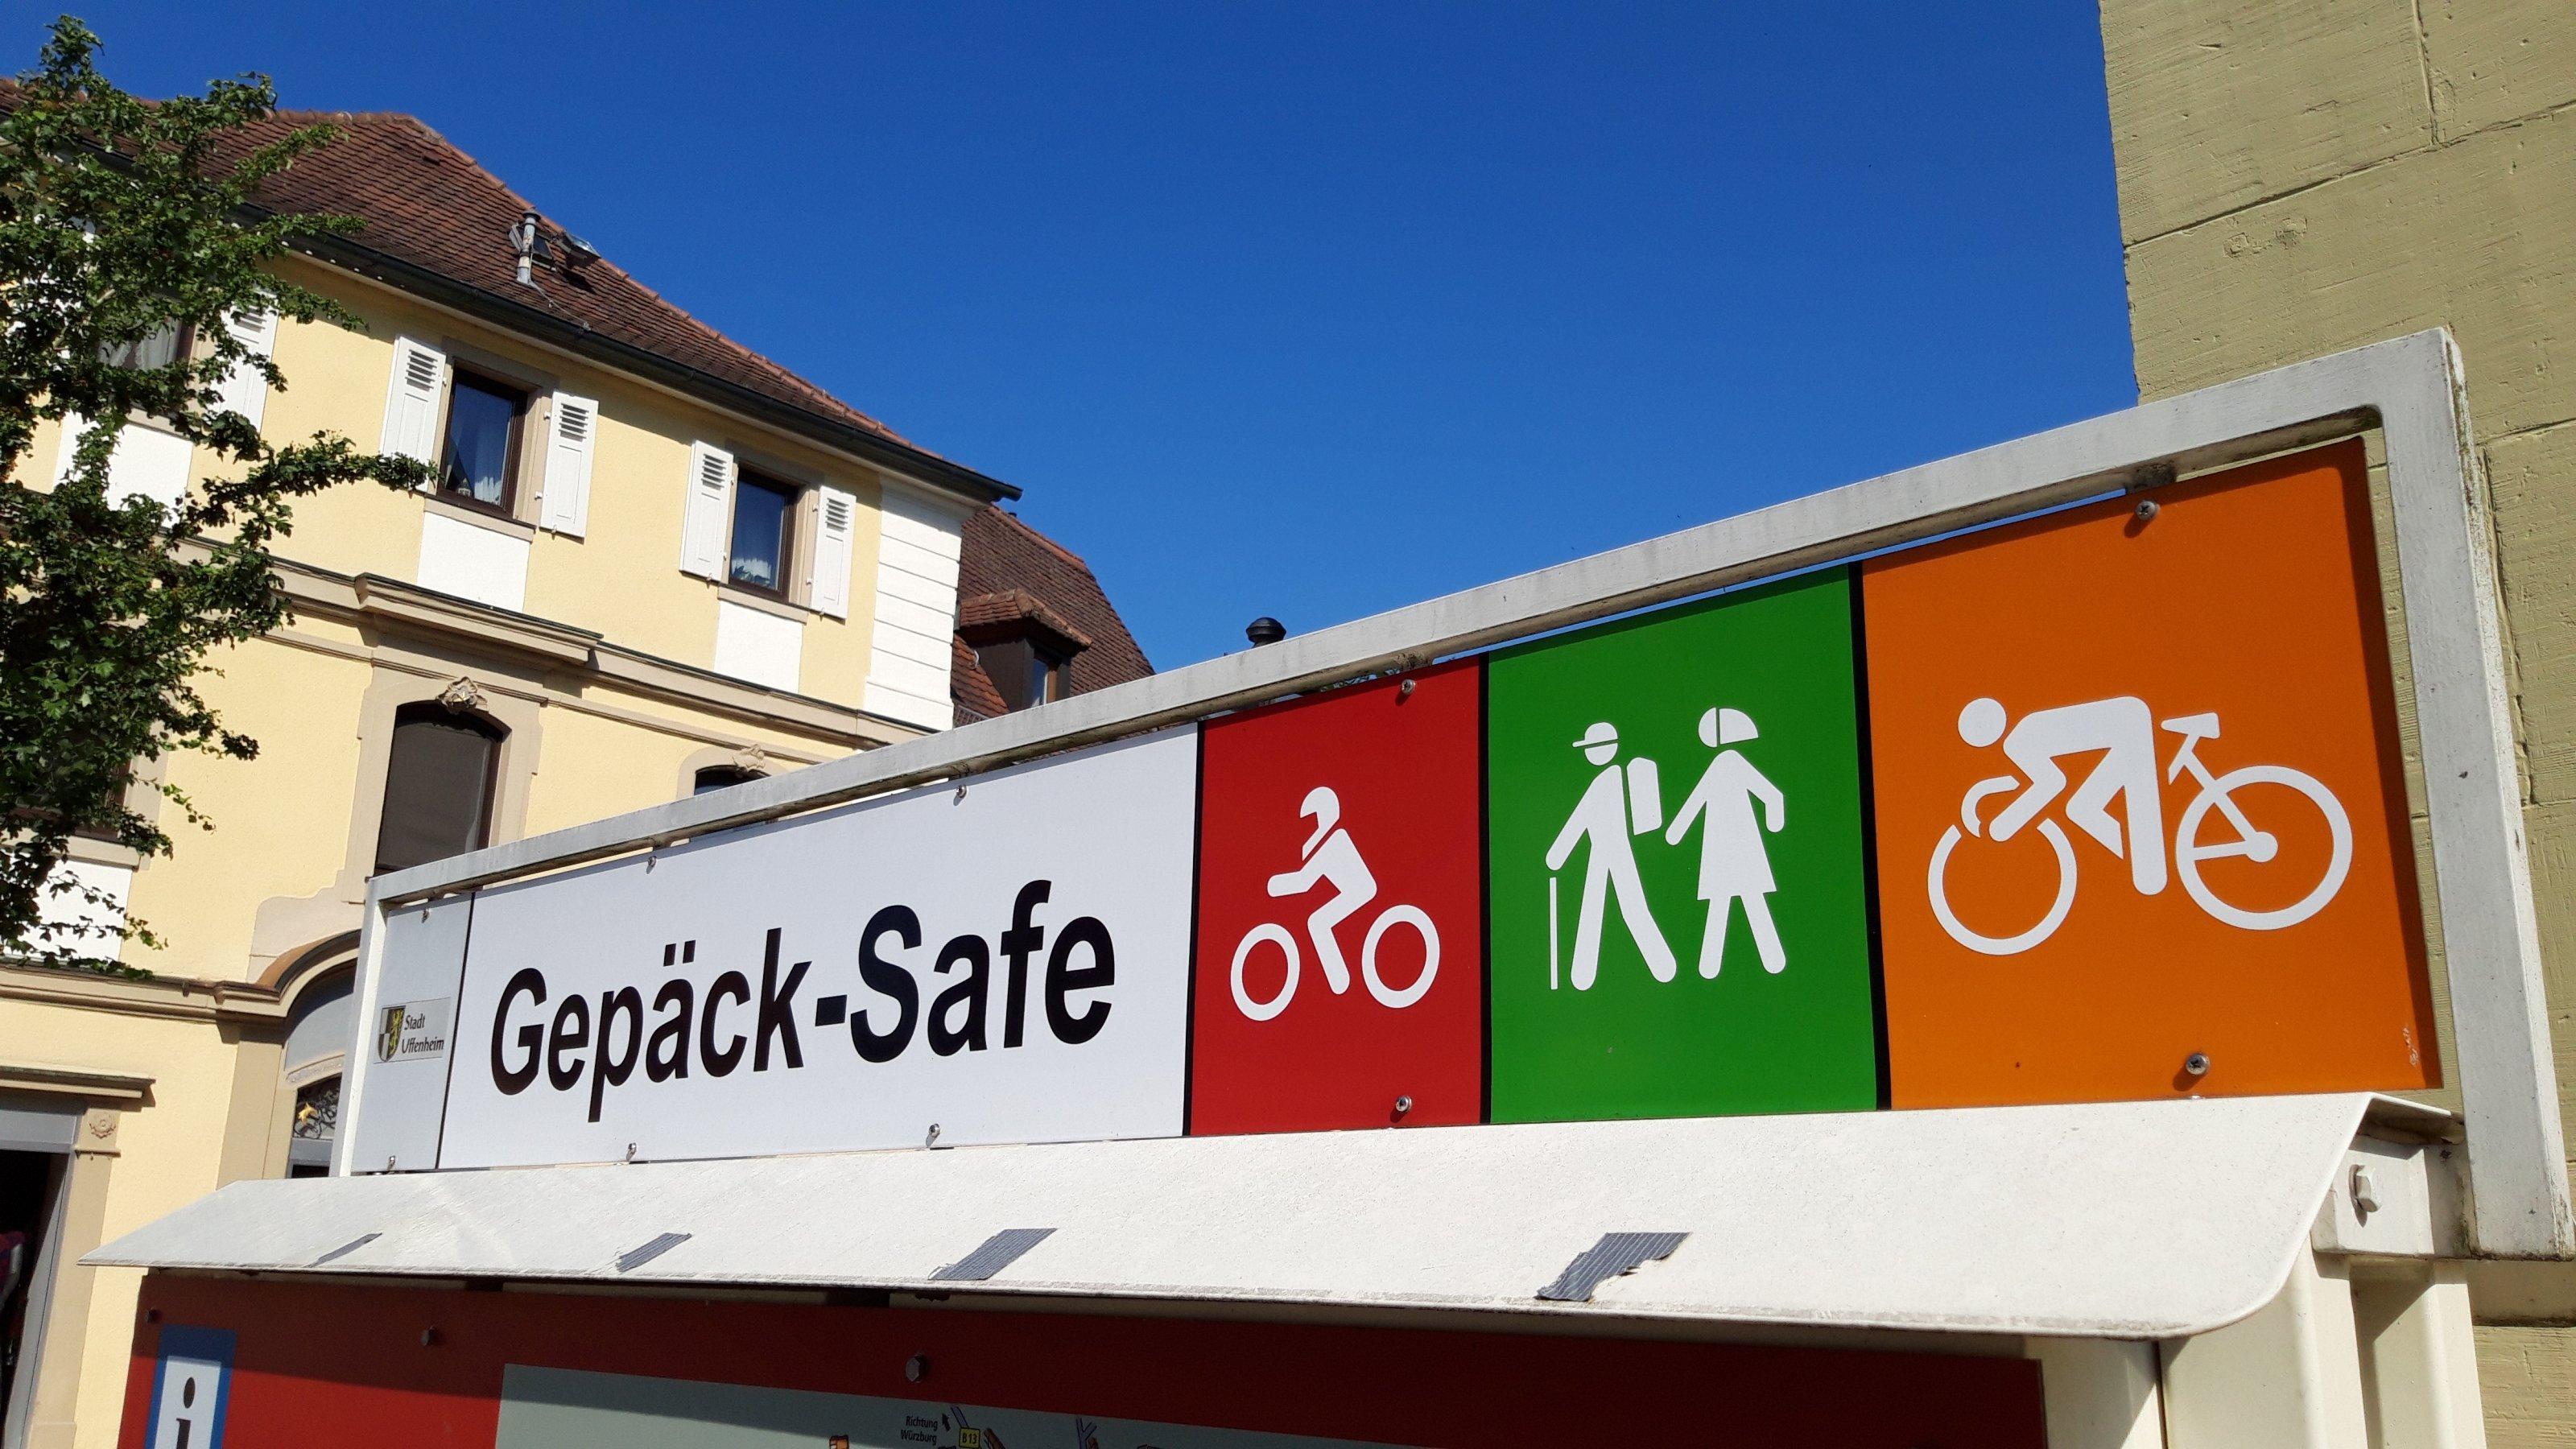 Gepäck-Safe-Schild mit Symbol für Rennradfahrer.